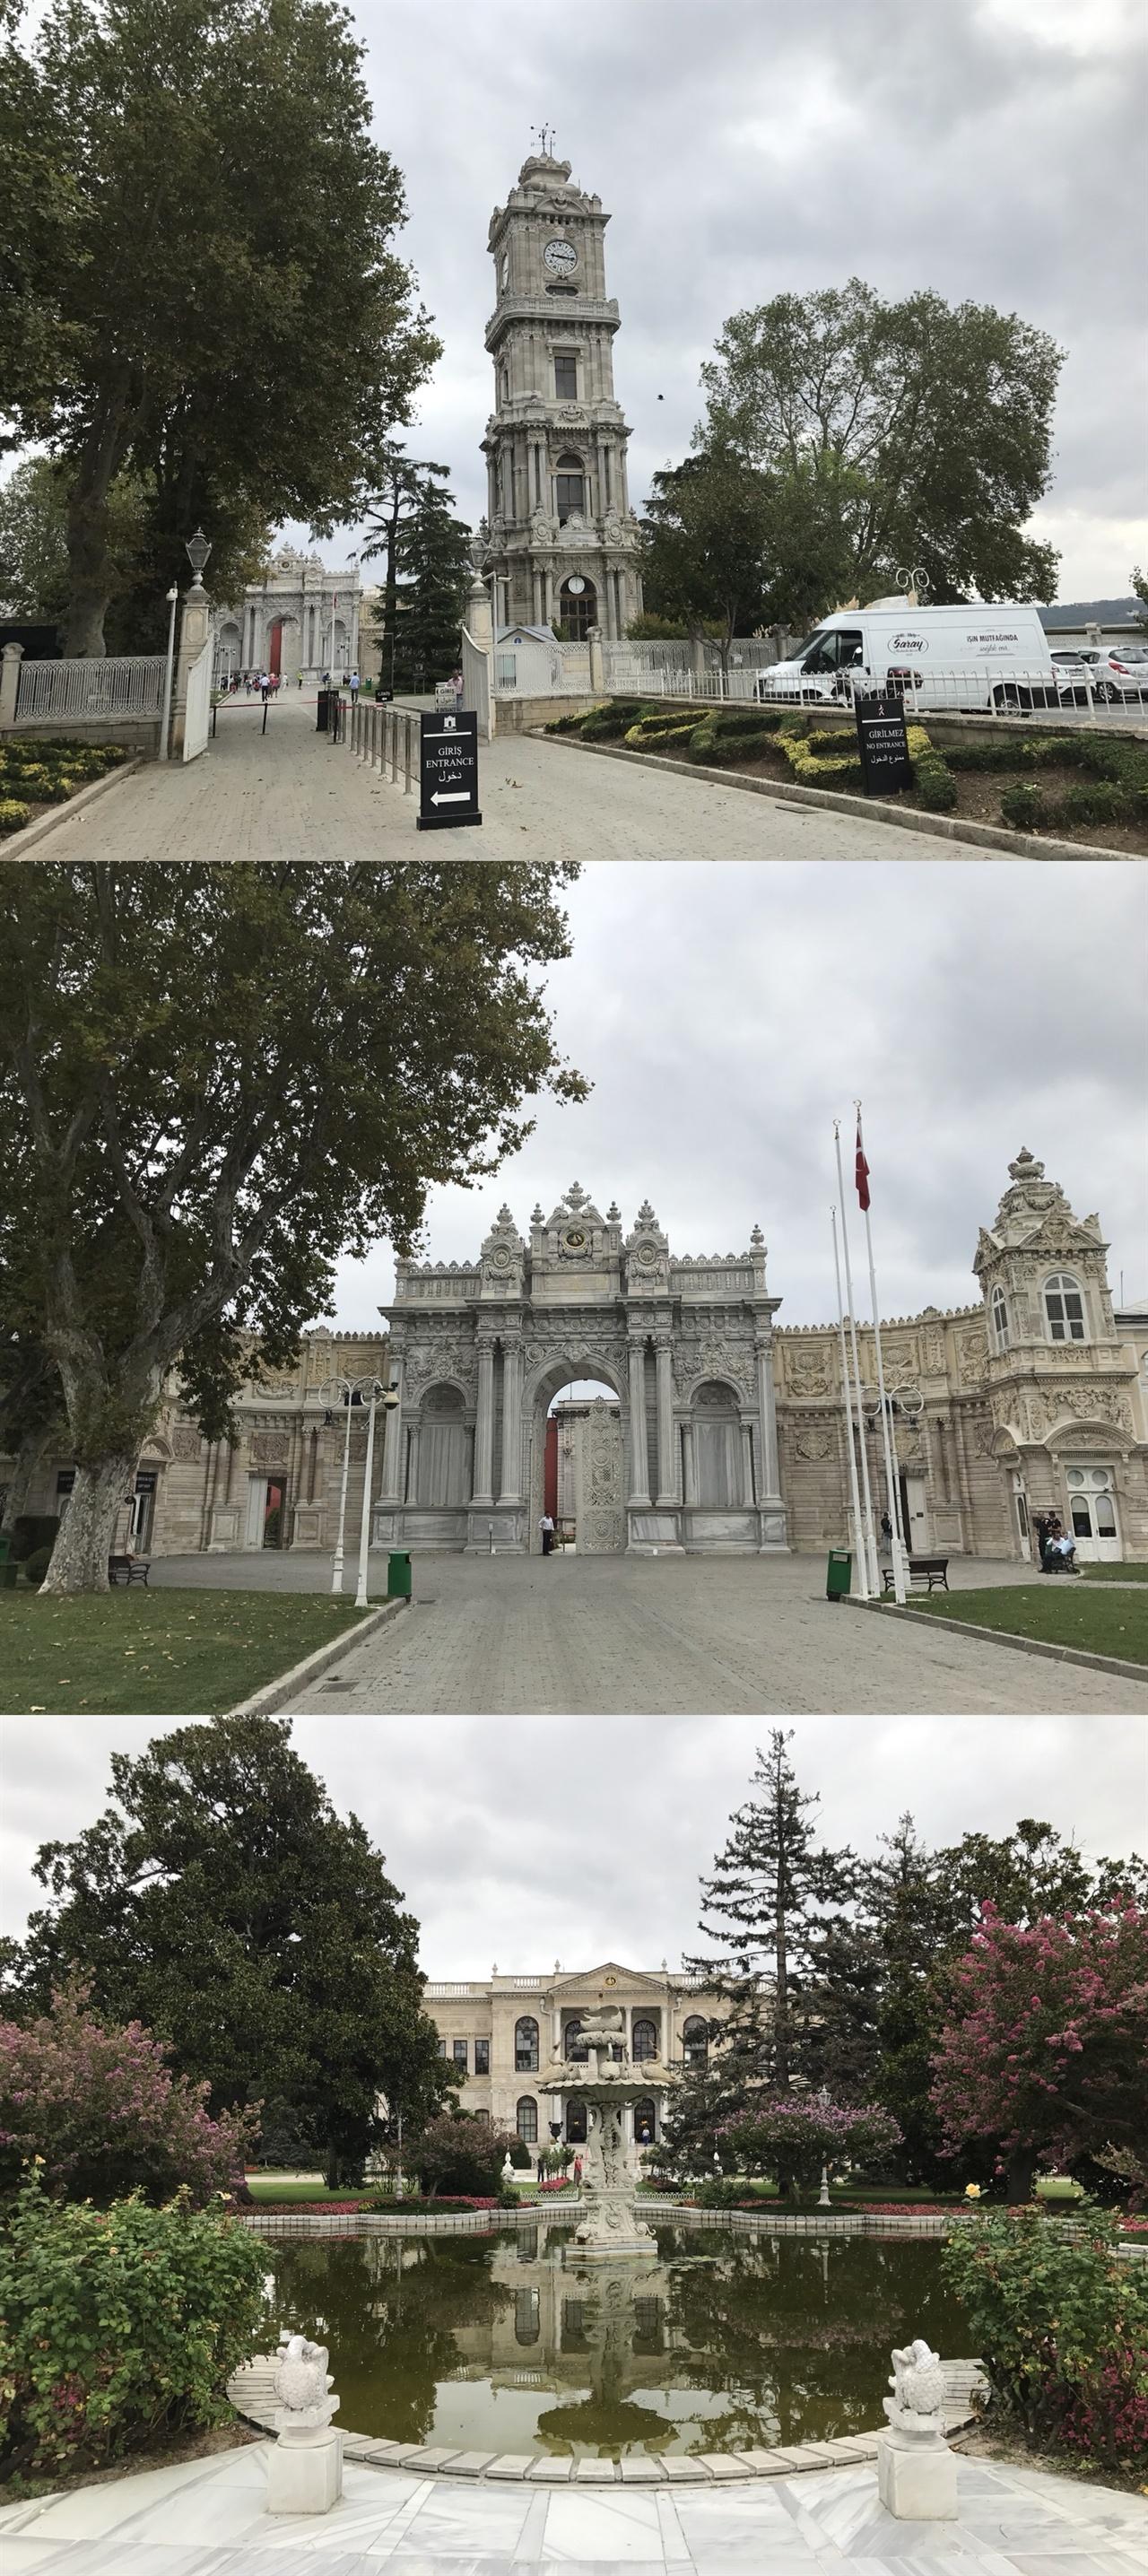 1. 돌마바흐체 궁전 앞 시계탑 2. 돌마바흐체 궁전 입구 3. 돌마바흐체 궁전 내부